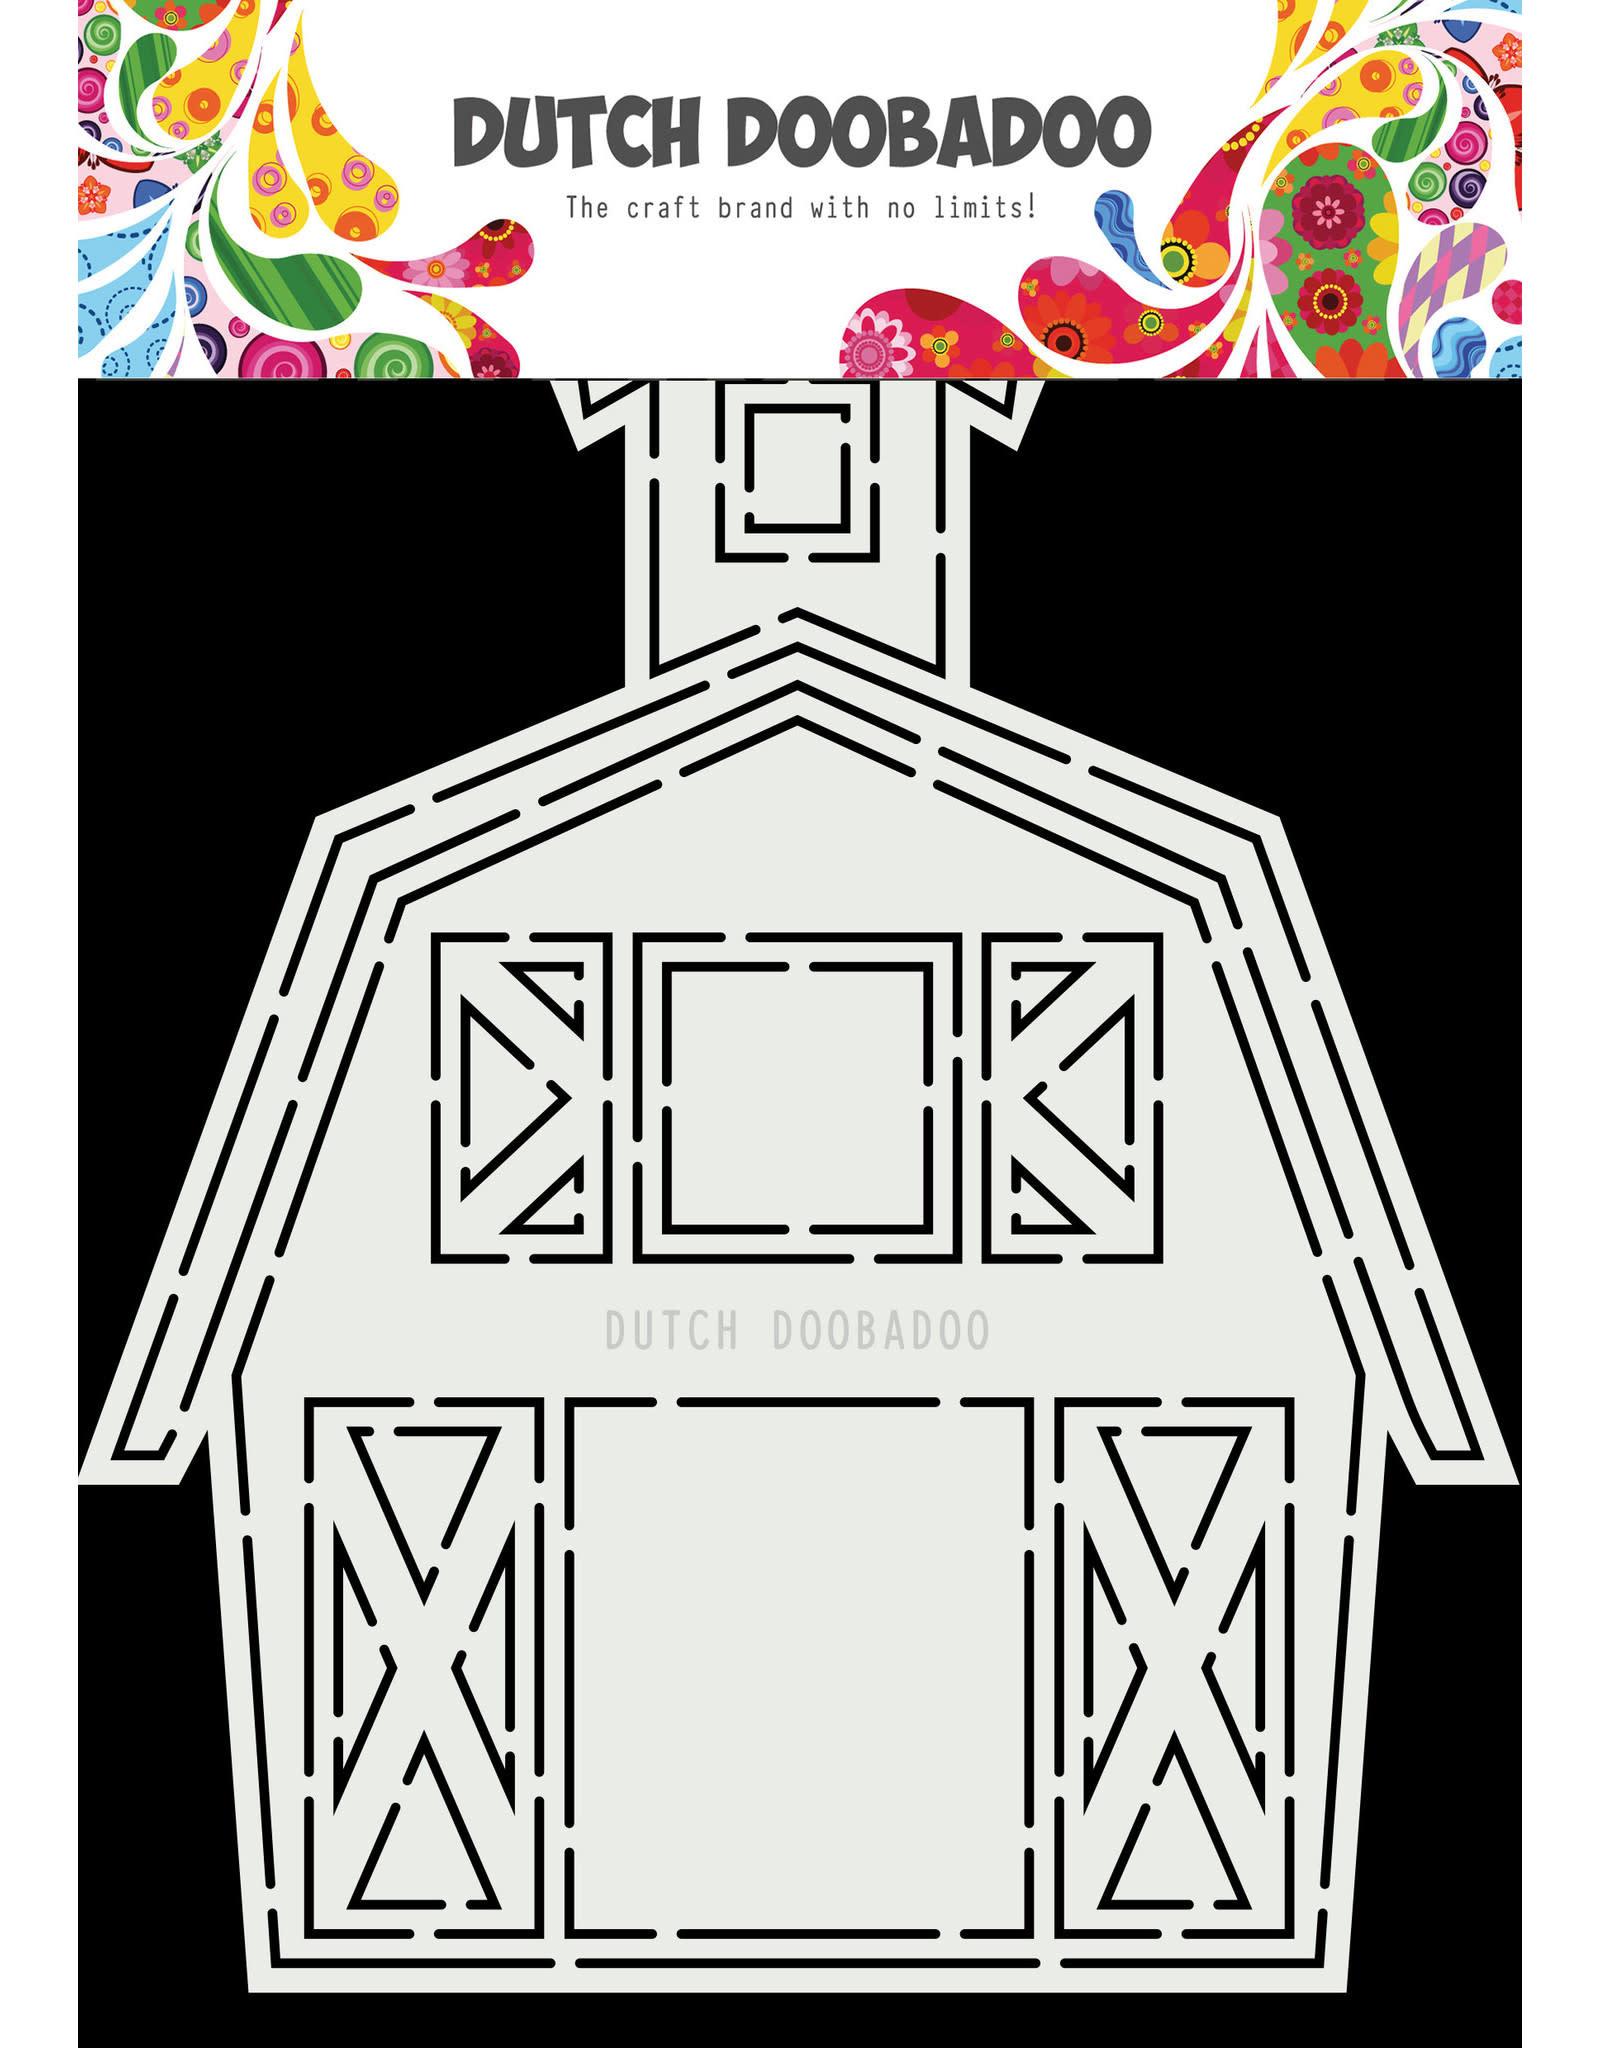 Dutch Doobadoo Dutch Doobadoo card art a5 barn